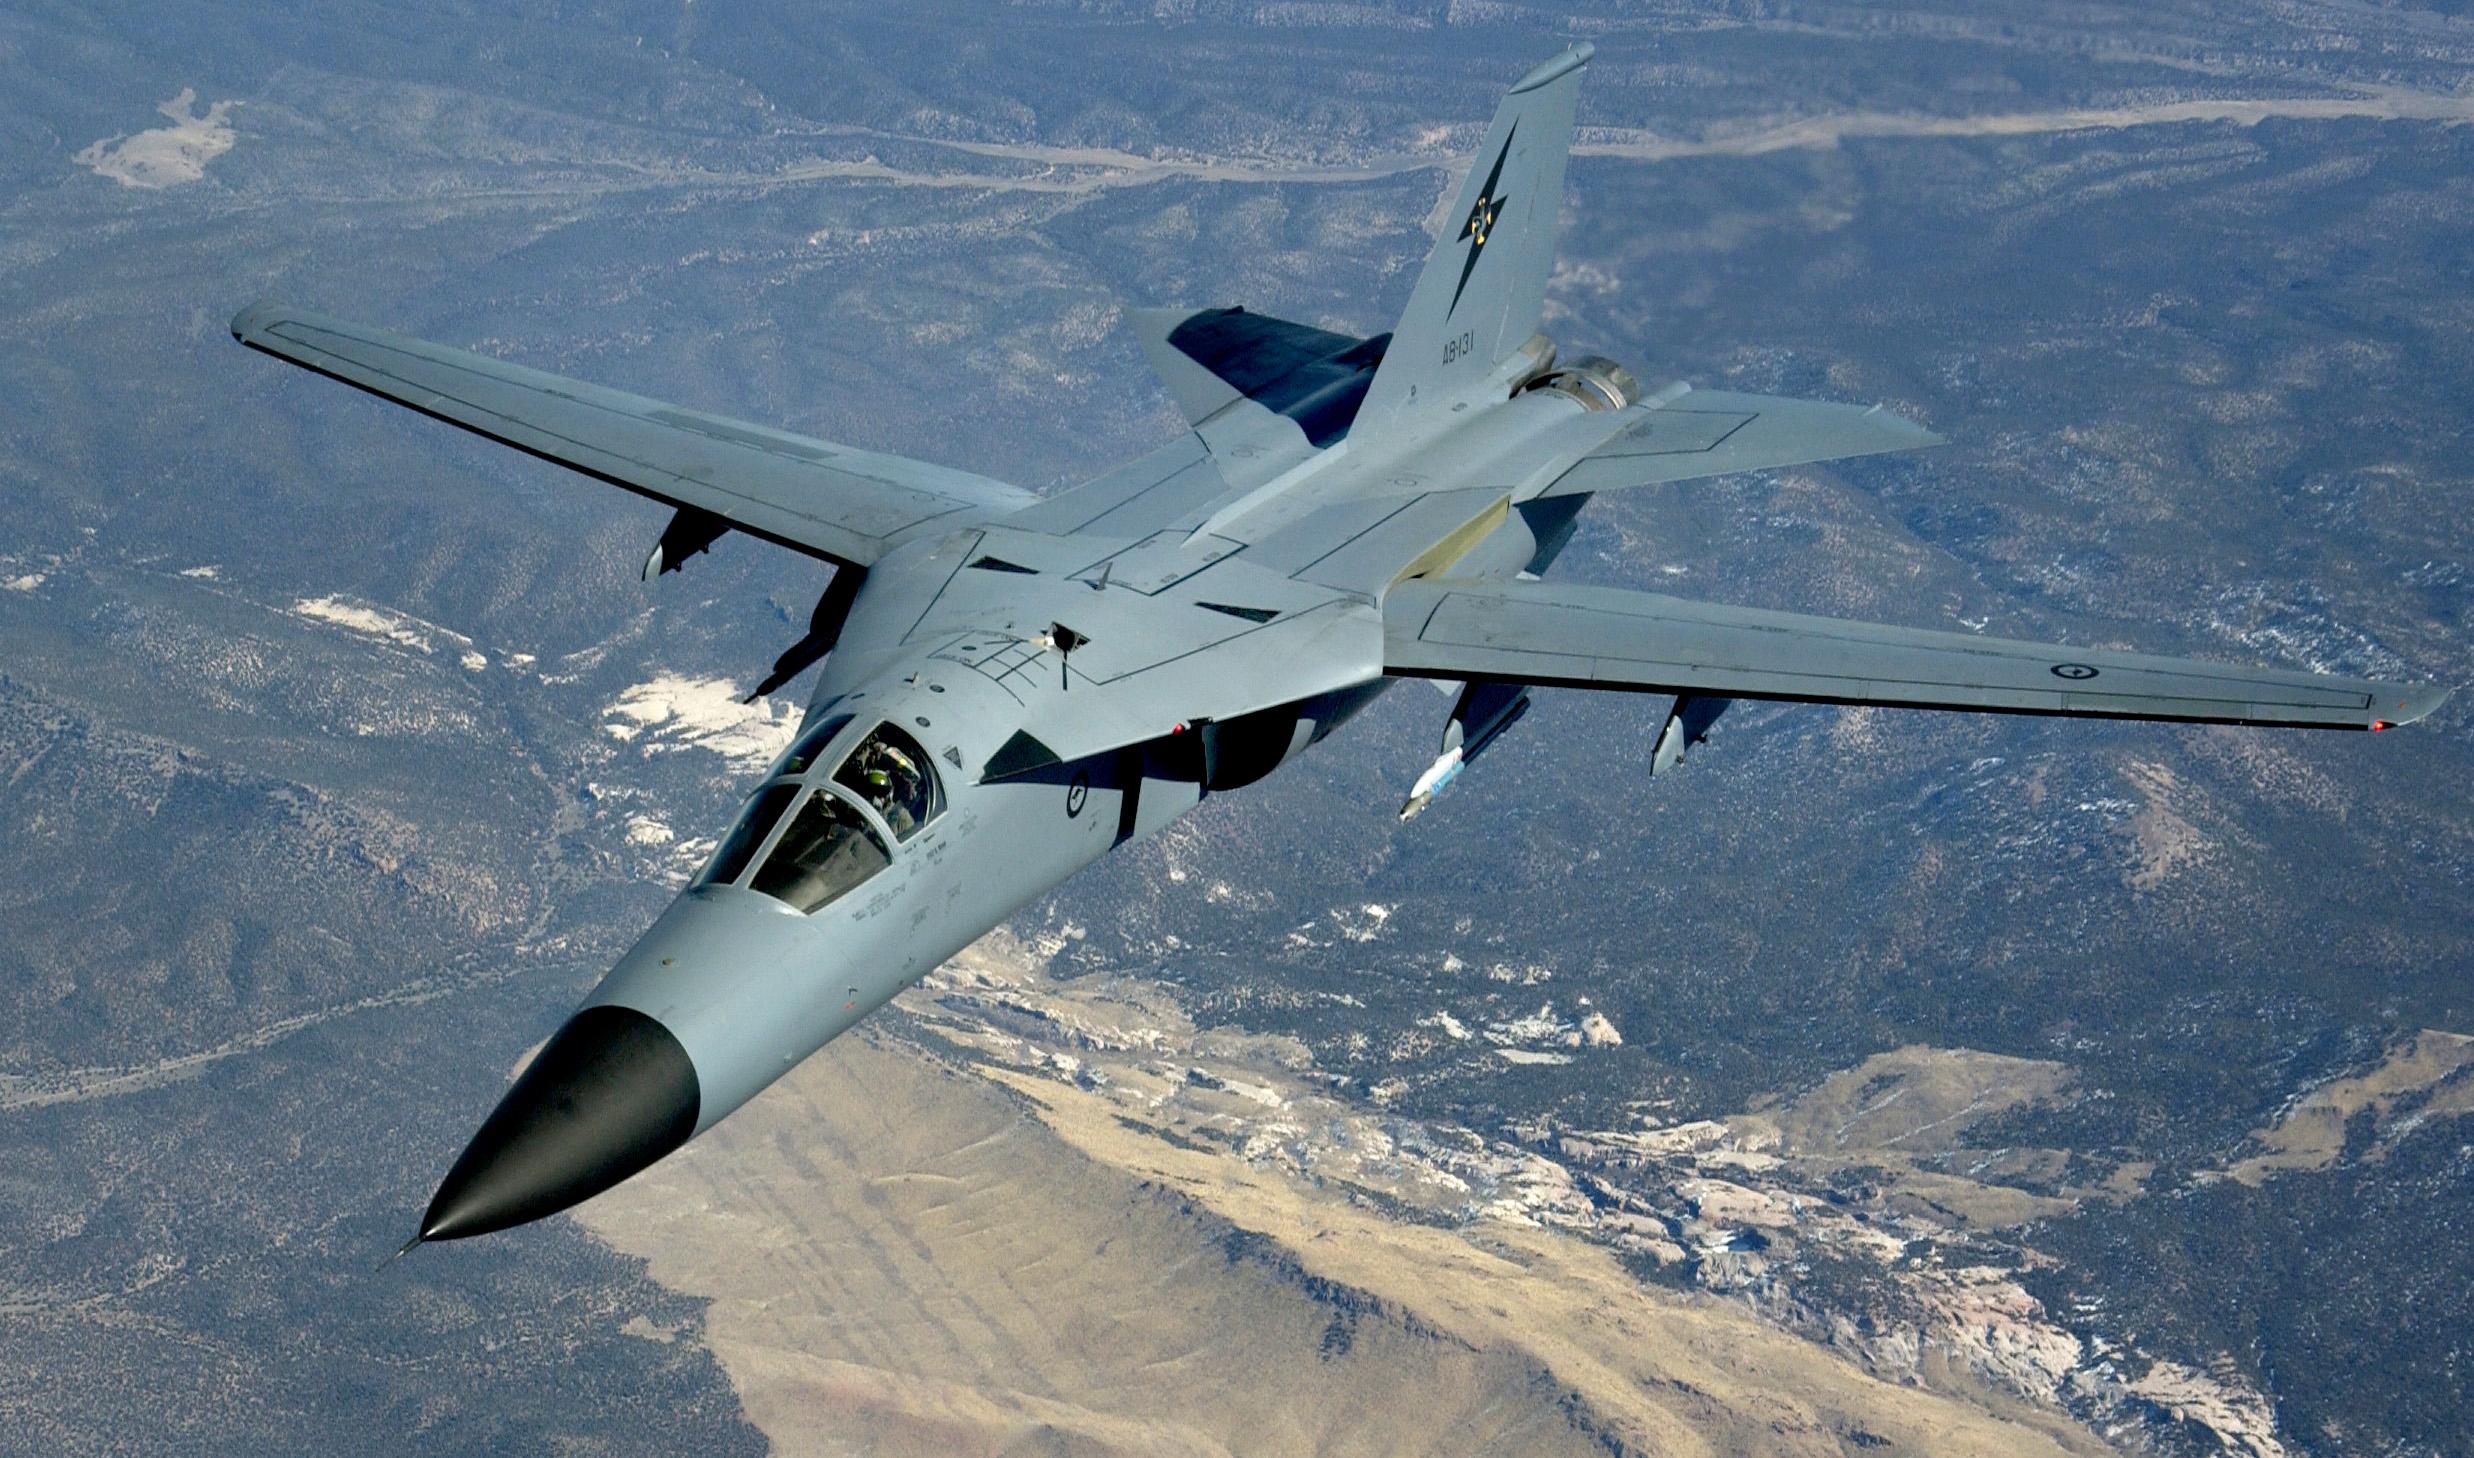 RAAF F111